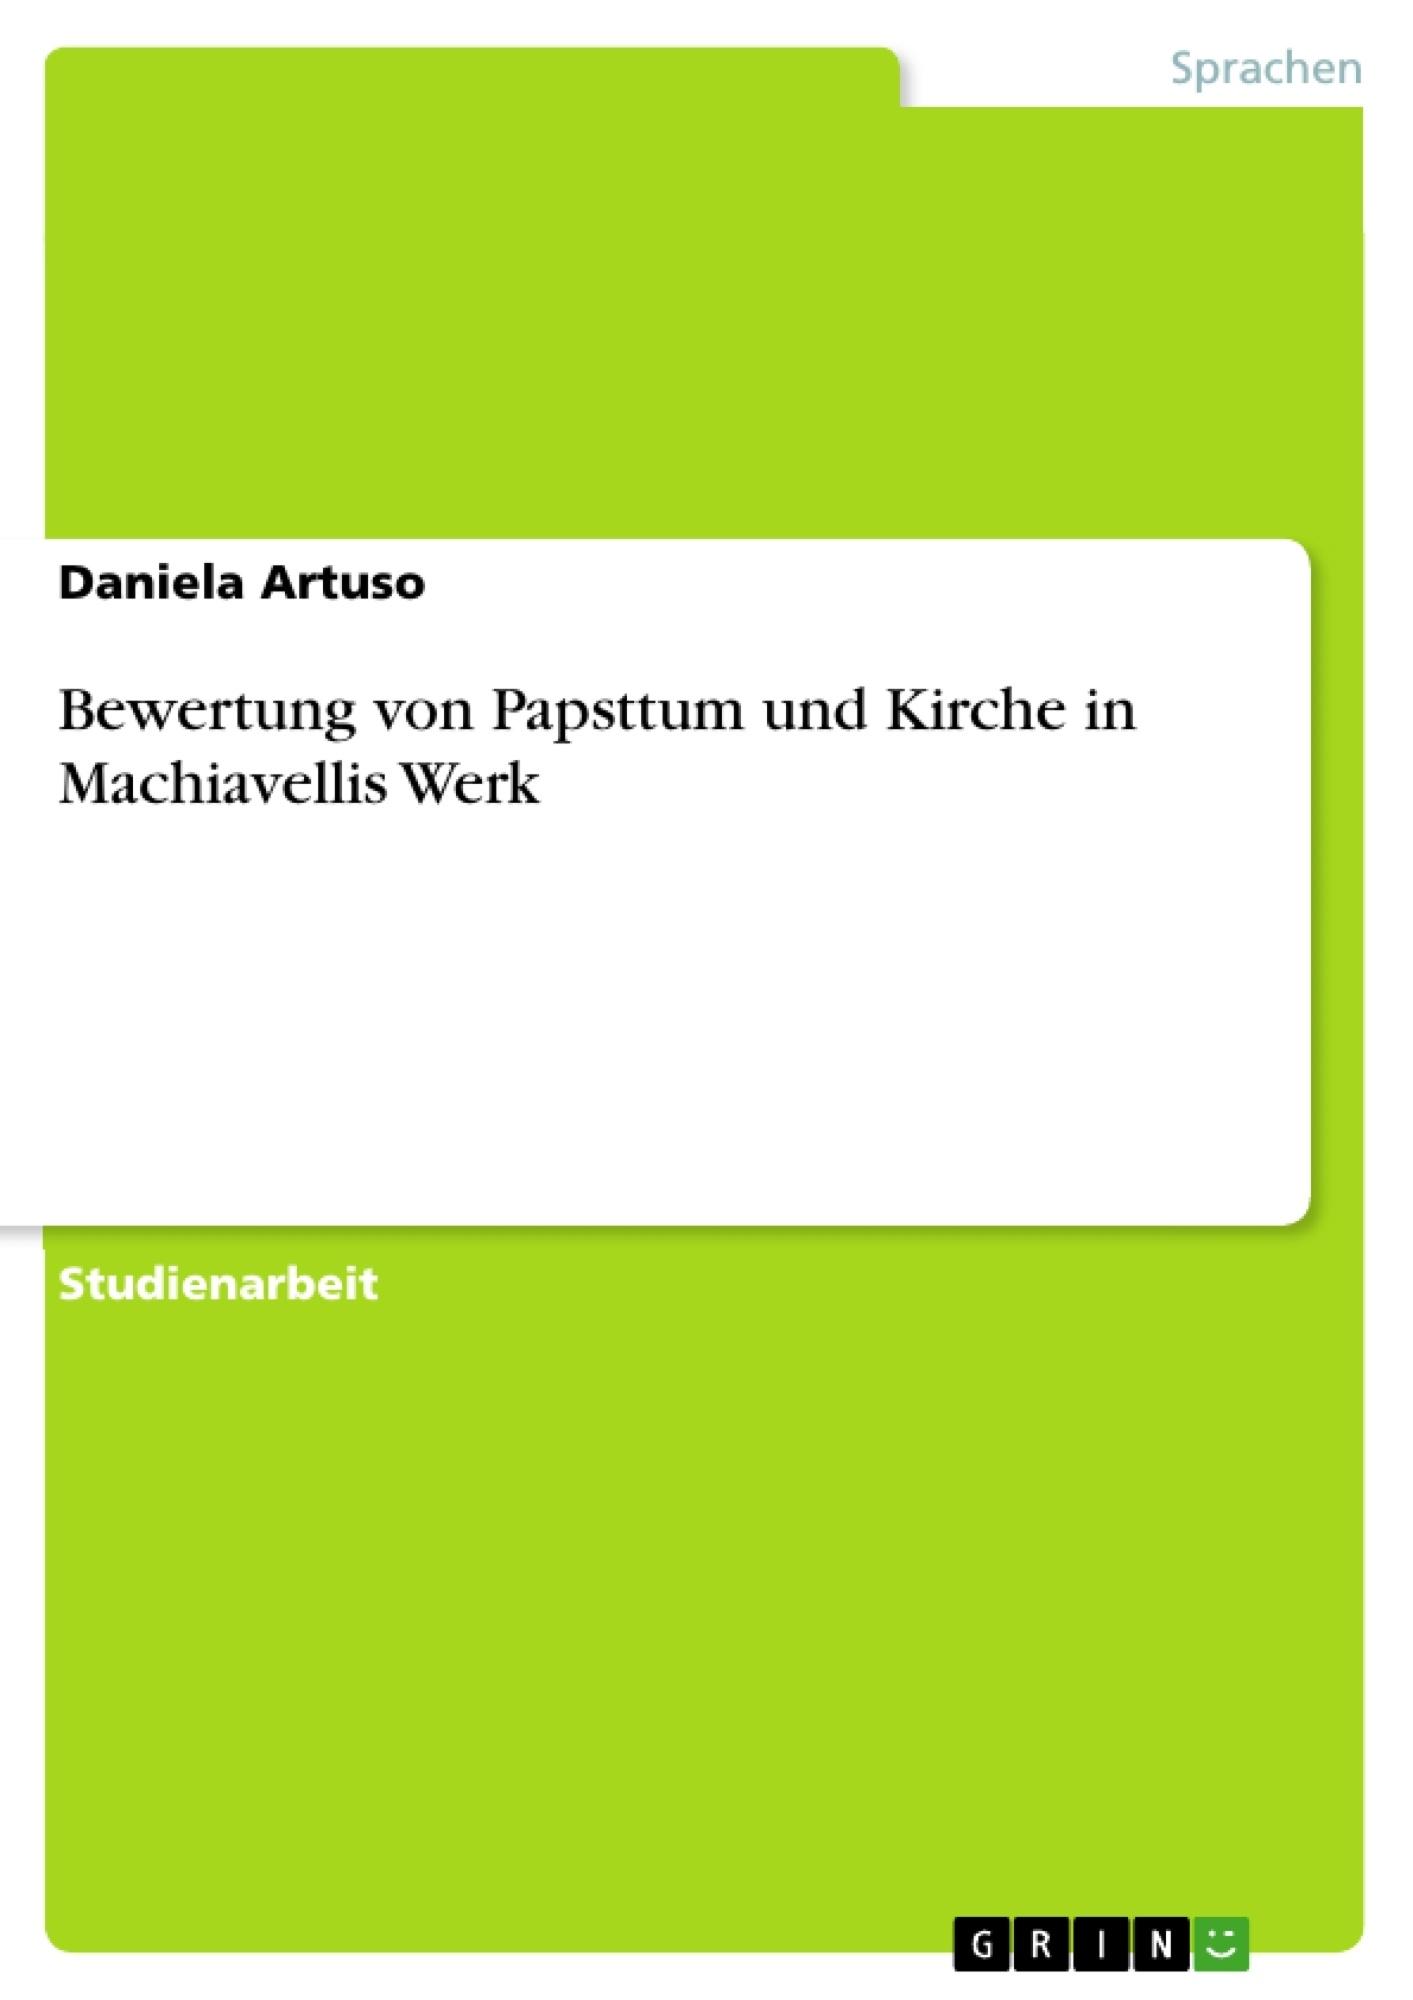 Titel: Bewertung von Papsttum und Kirche in Machiavellis Werk